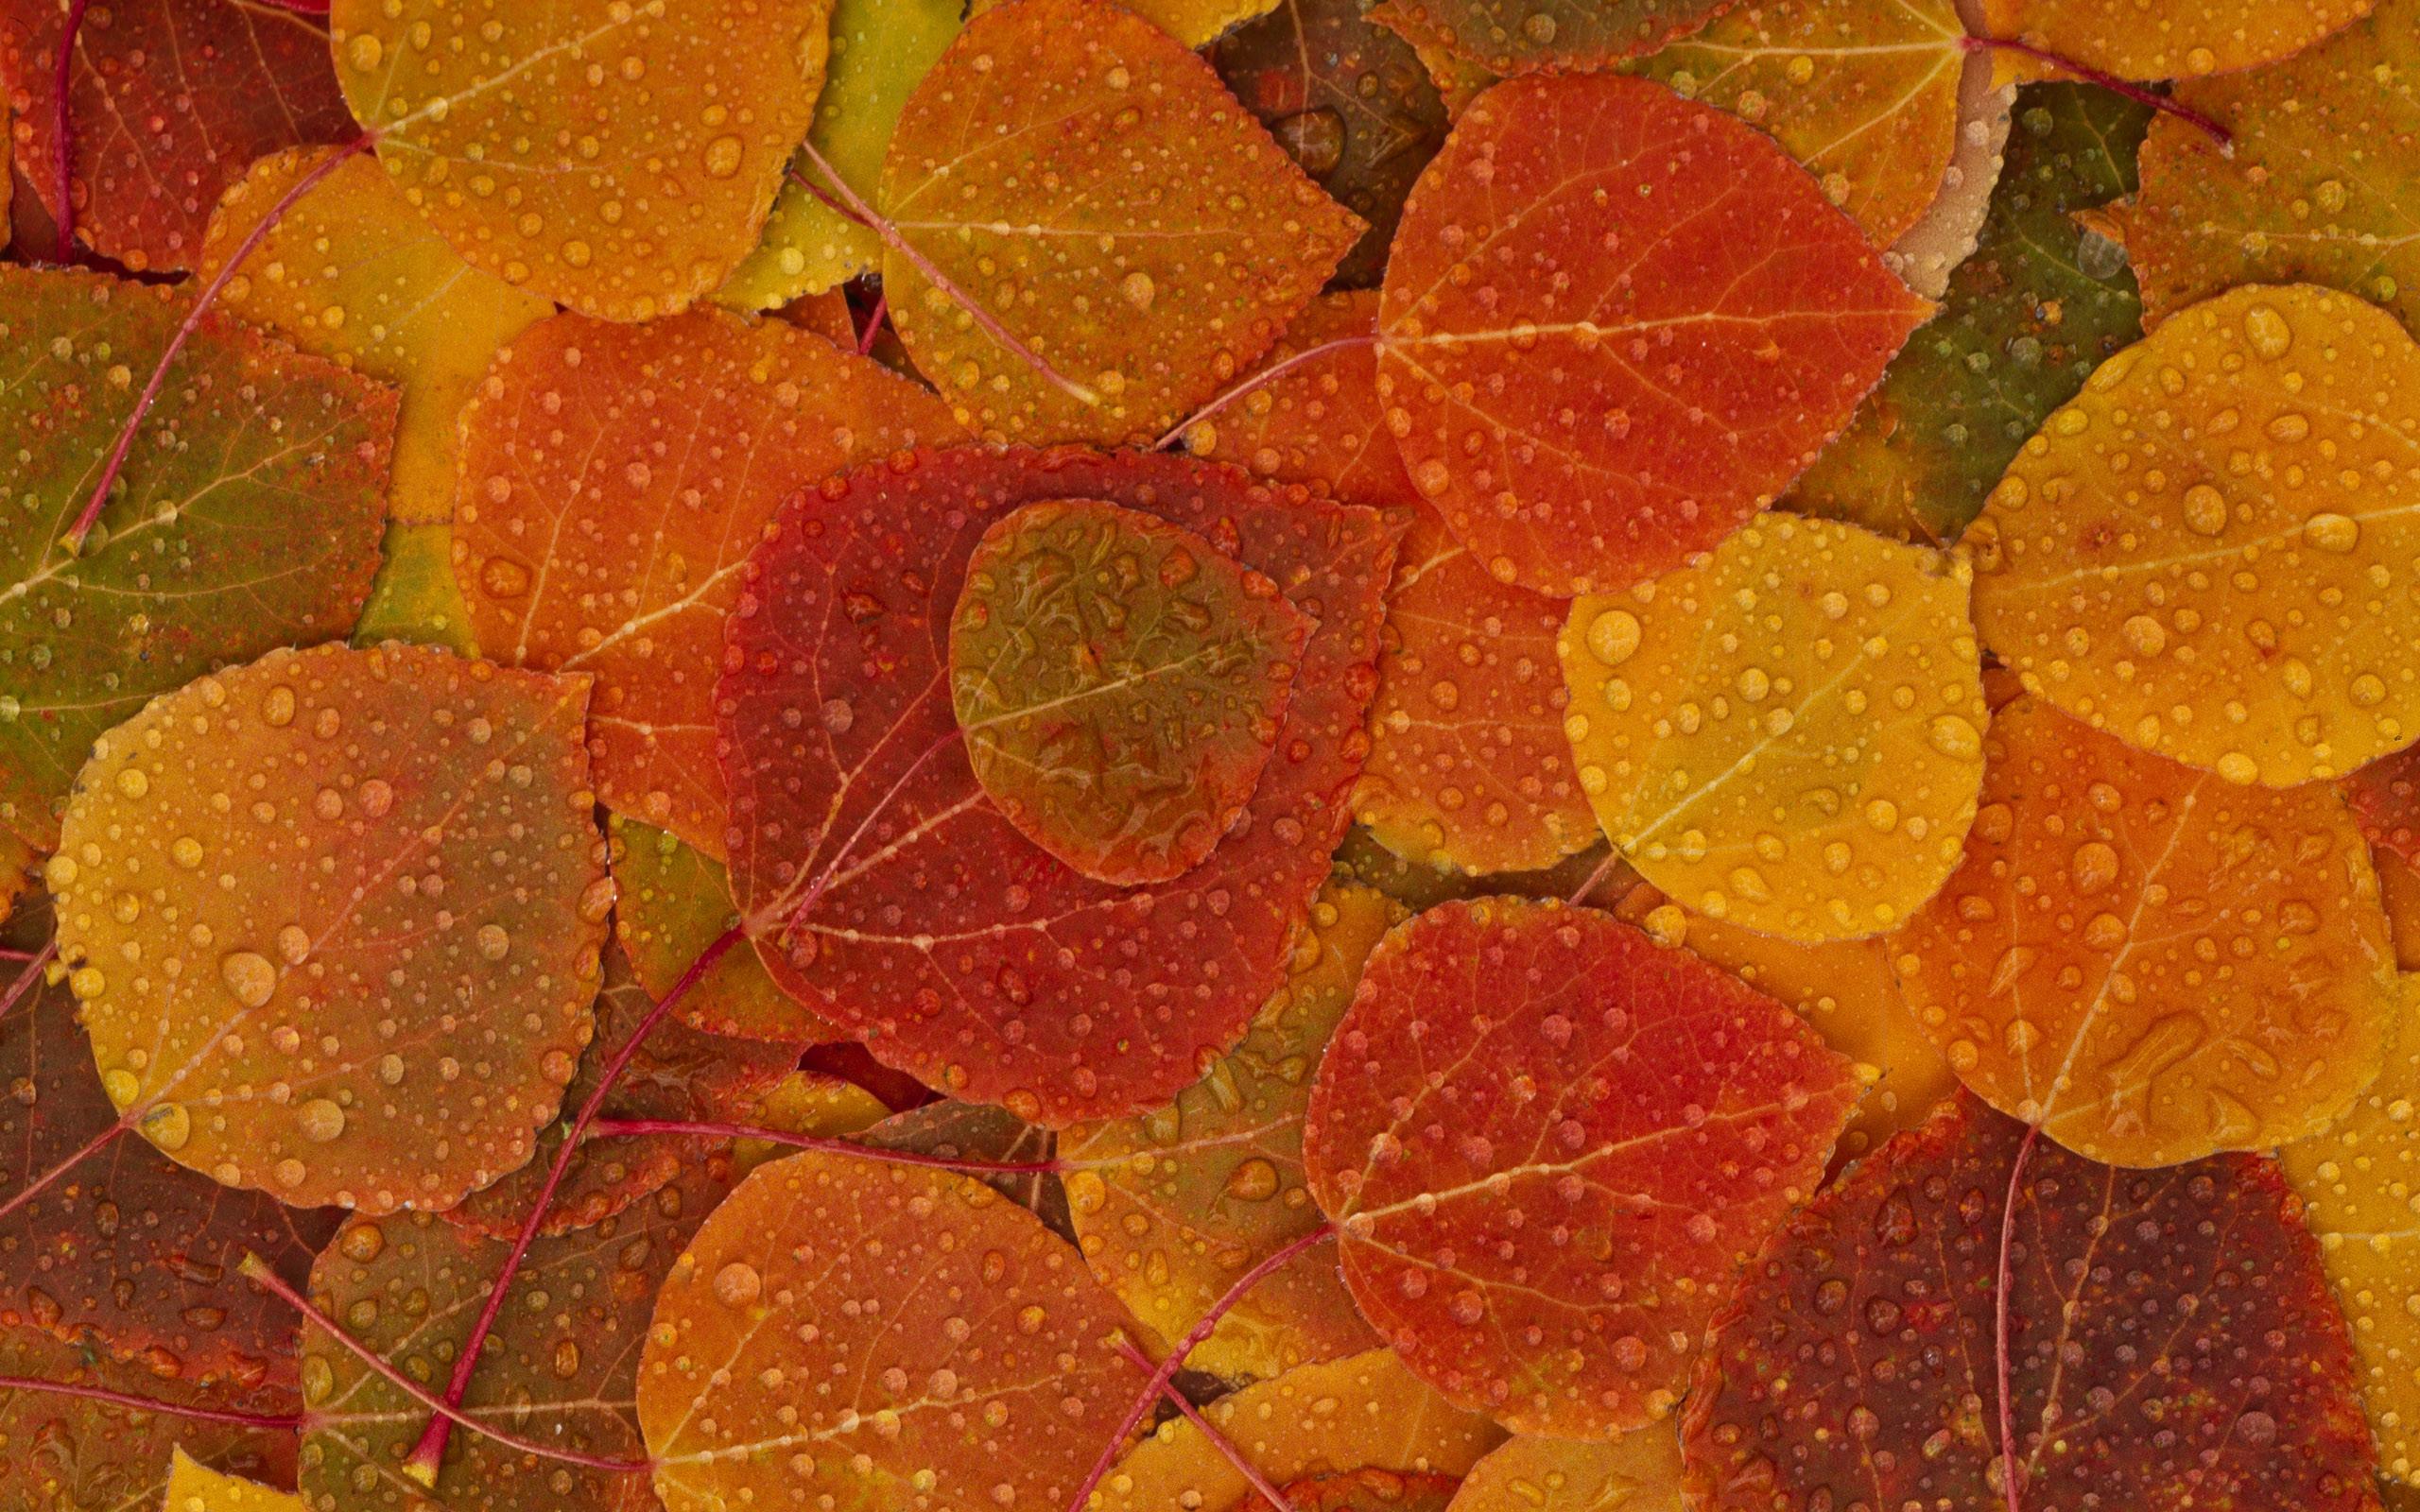 desktop wallpaper fall foliage – www.wallpapers-in-hd.com